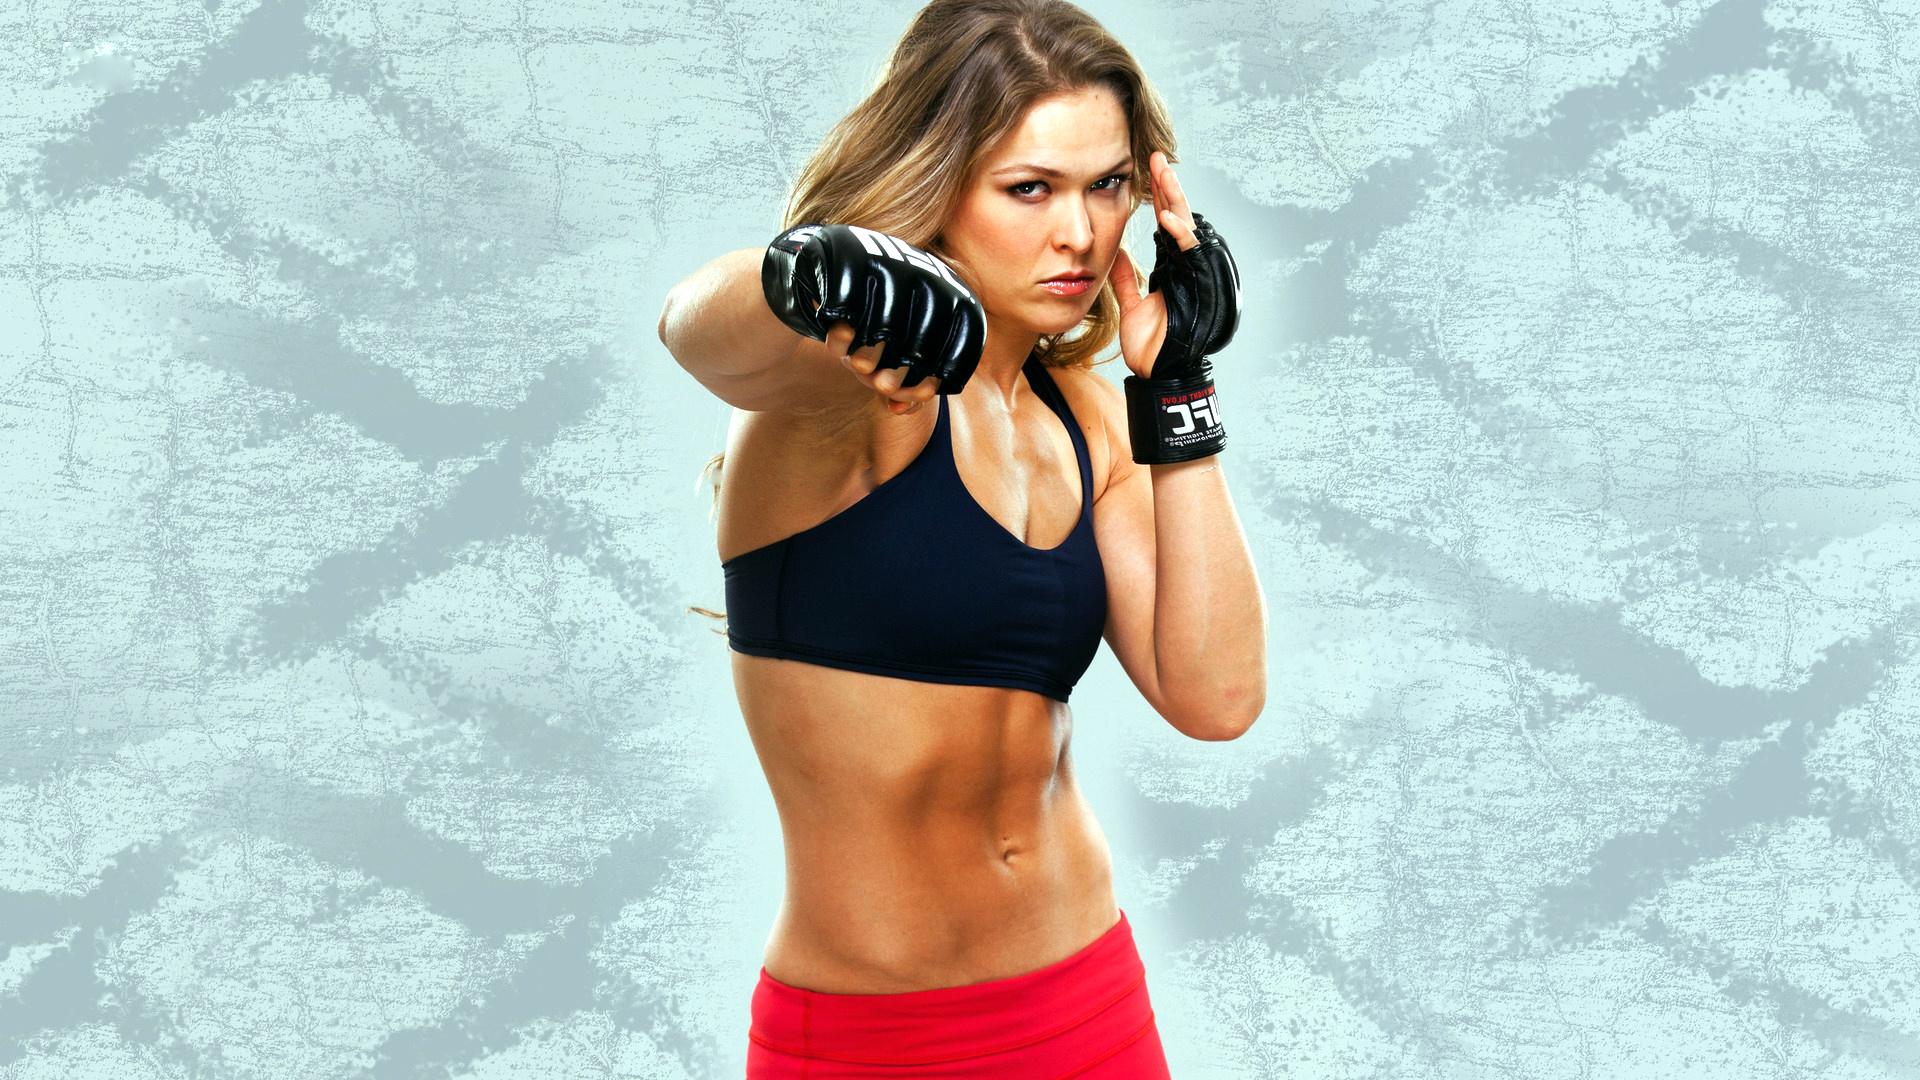 Ronda Rousey Photos